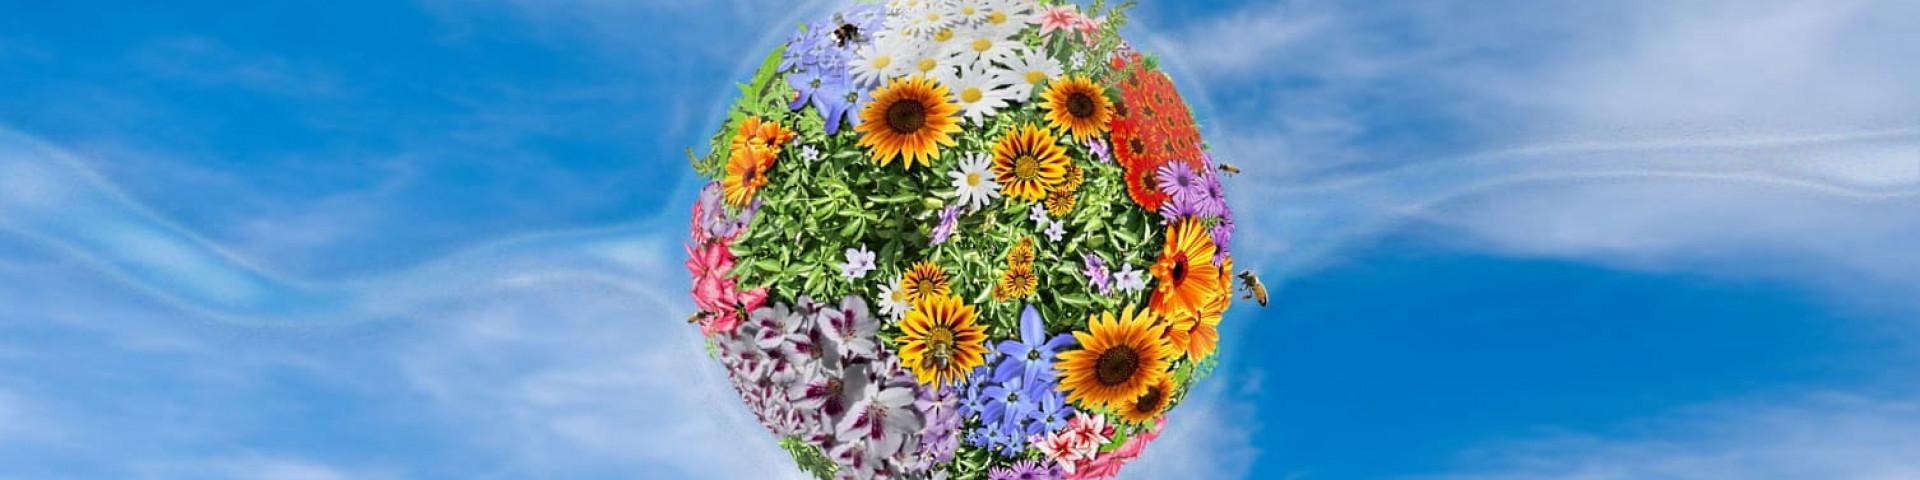 Мёд для глаз: рейтинг самых красивых цветов в мире